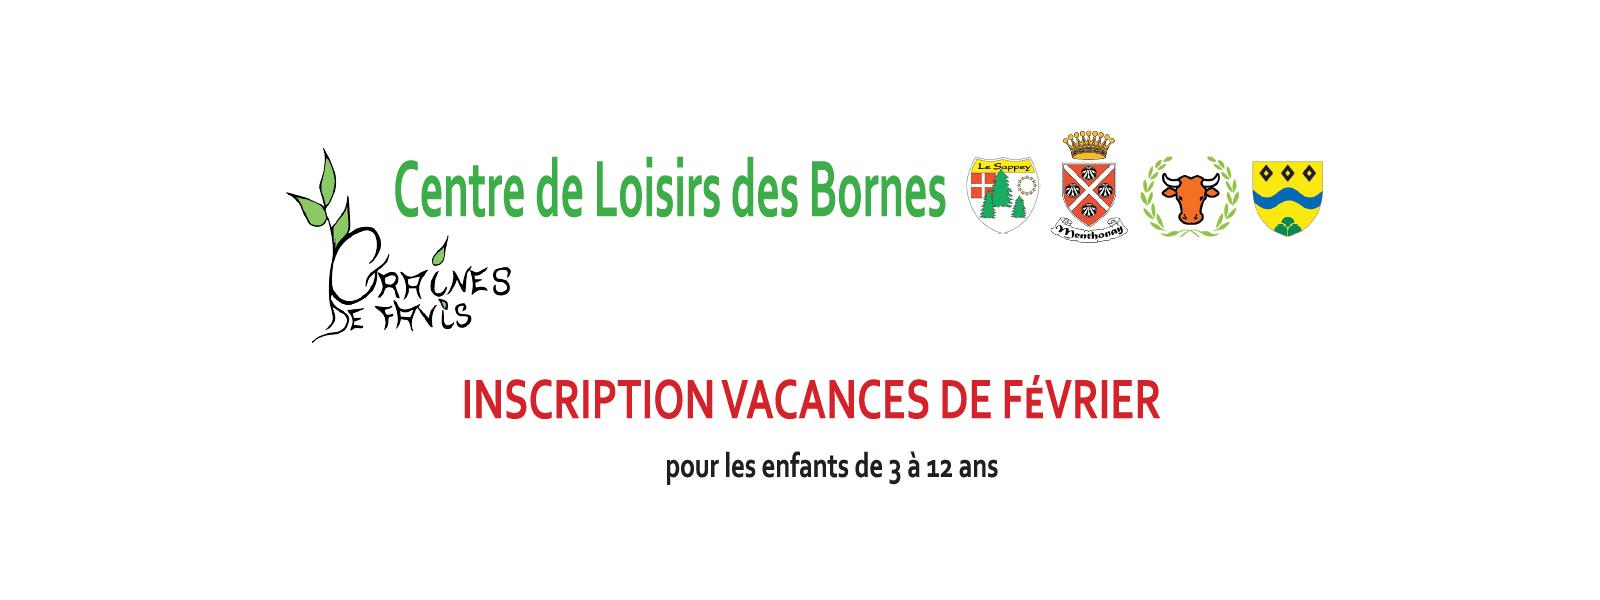 Centre de Loisirs des Bornes – Vacances de Février 2017